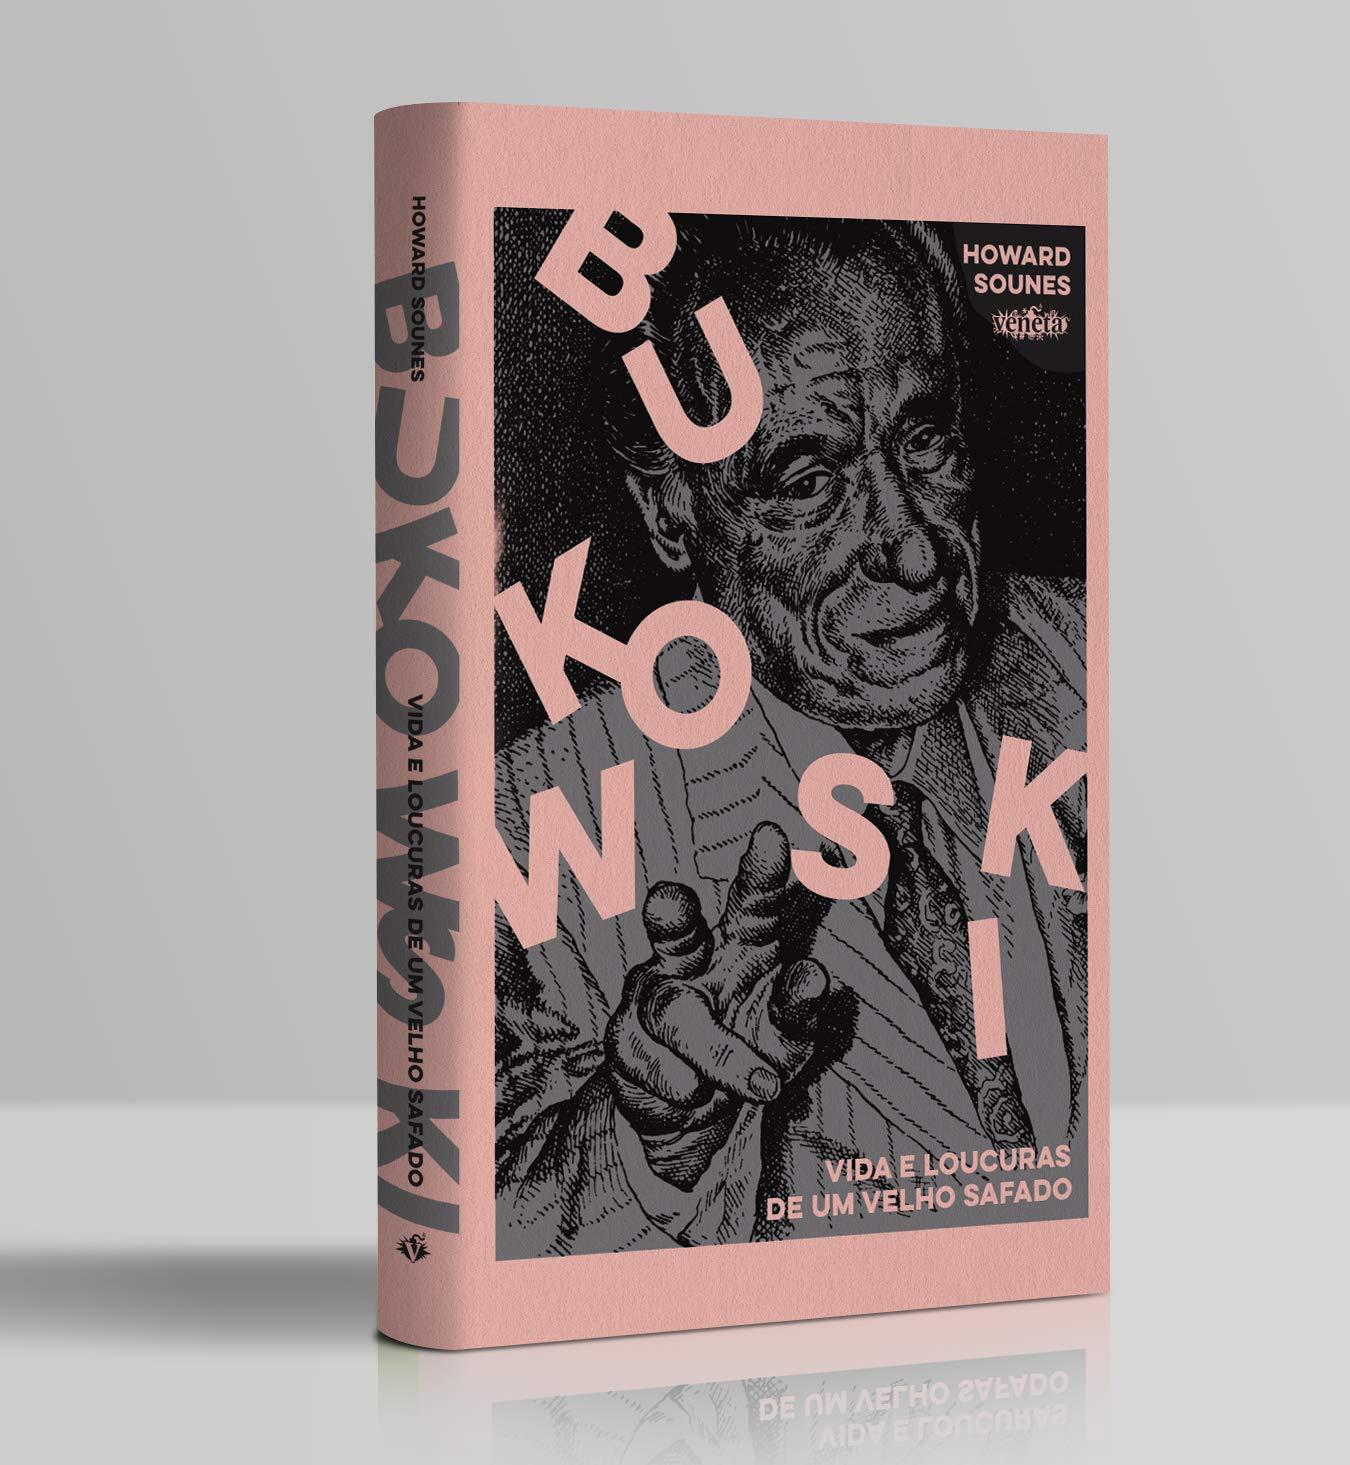 Bukowski: Vida e loucuras de um velho safado   Amazon.com.br